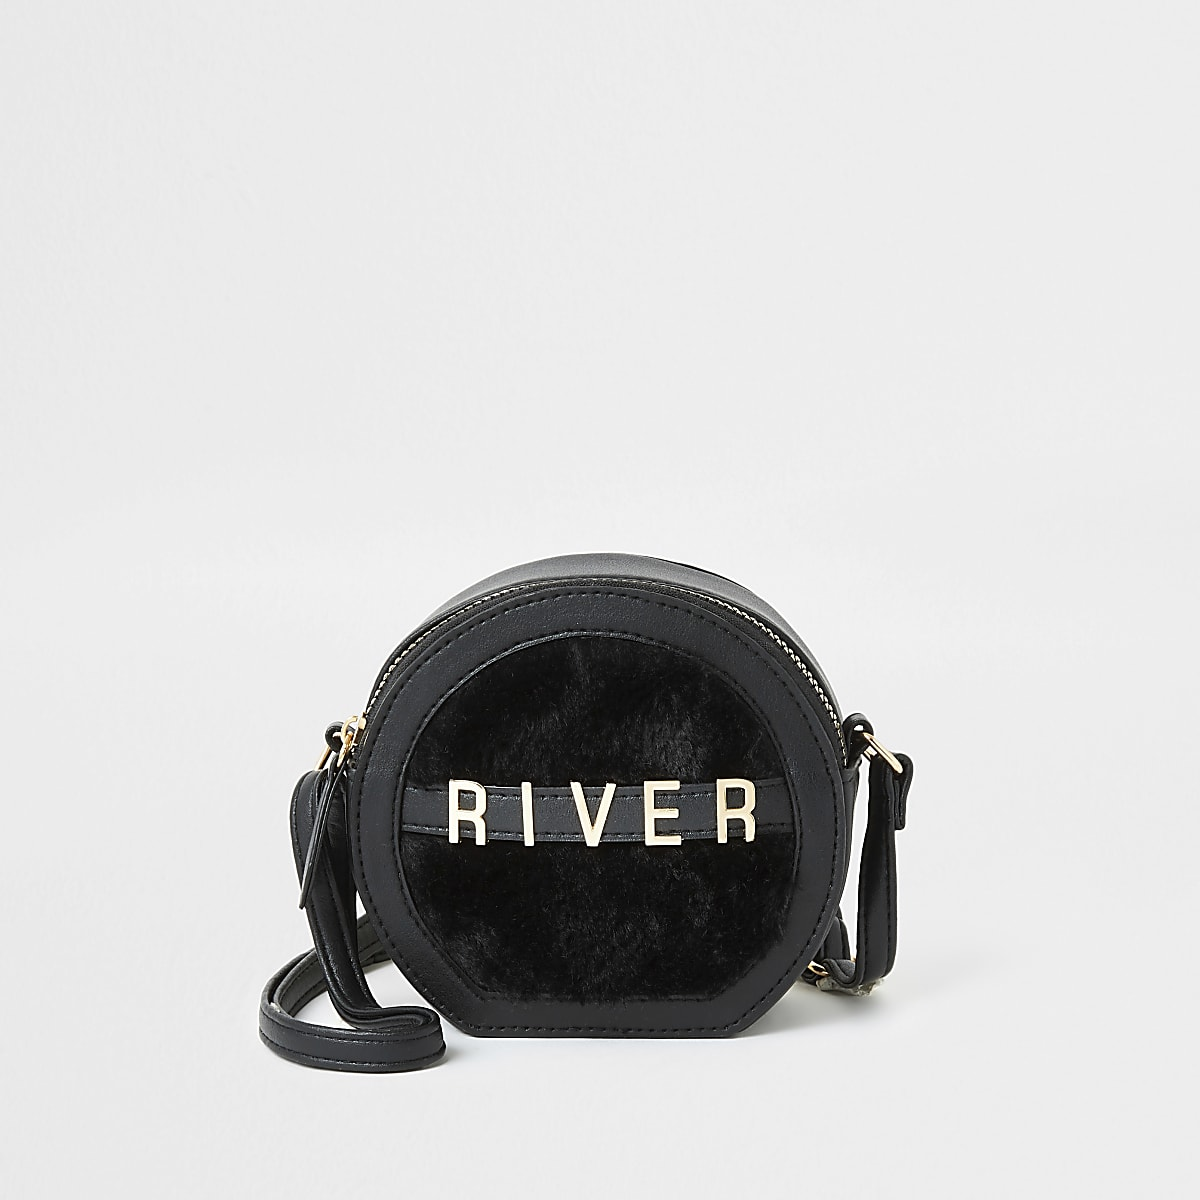 Zwarte ronde crossbodytas met 'River'-tekst voor meisjes